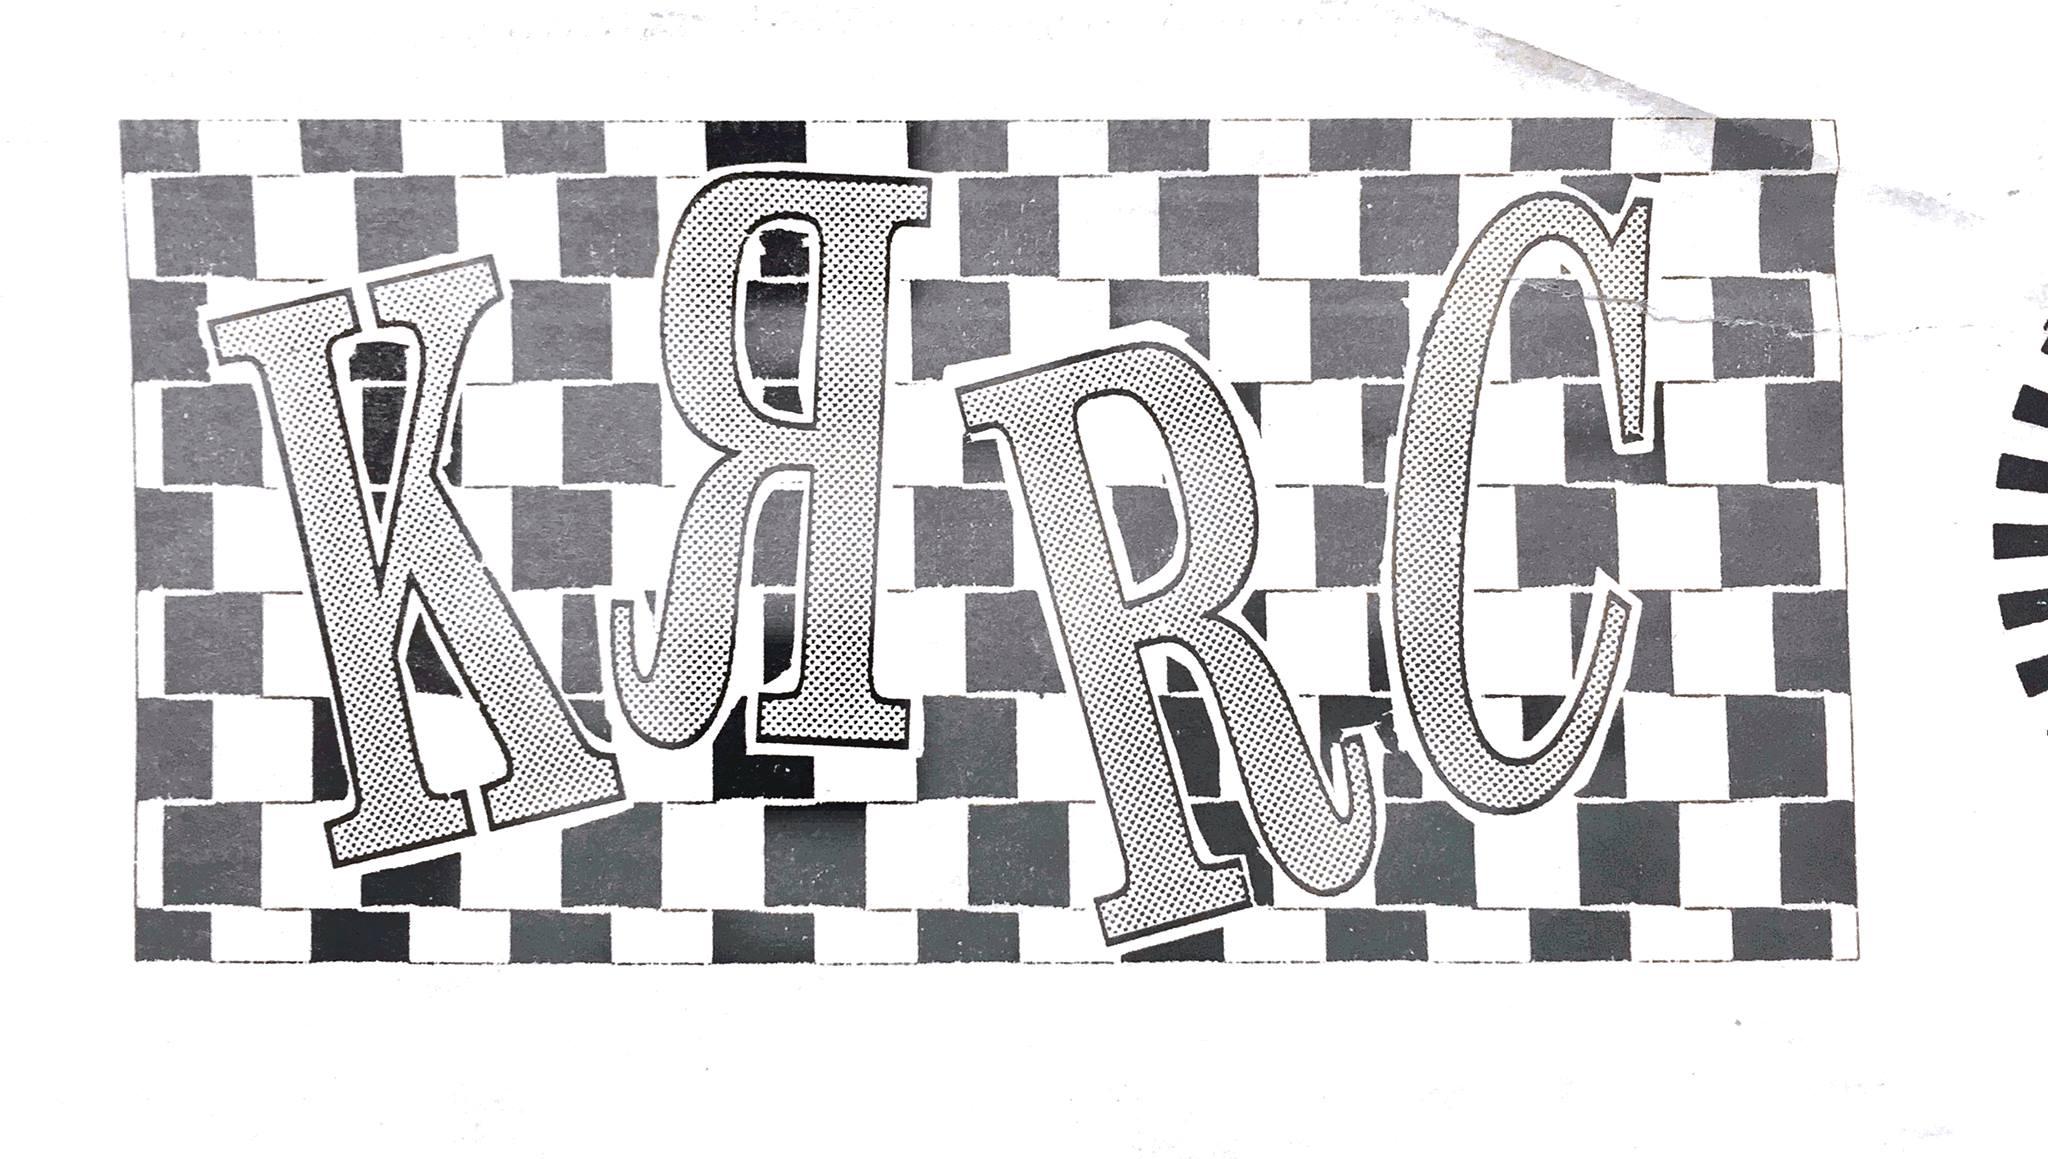 krrc_cutout.jpg